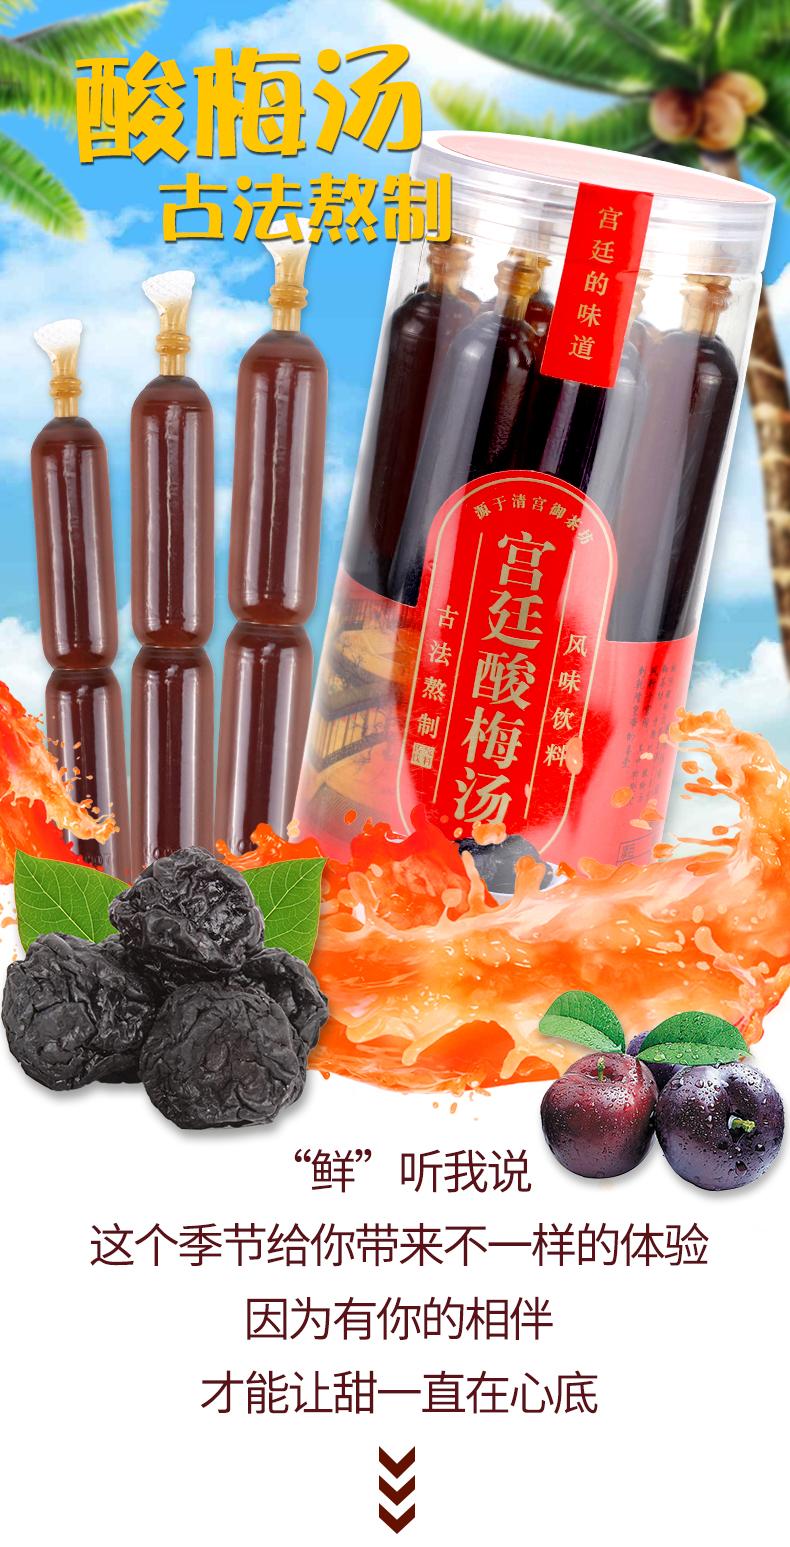 金稻谷宫廷酸梅汤棒棒冰